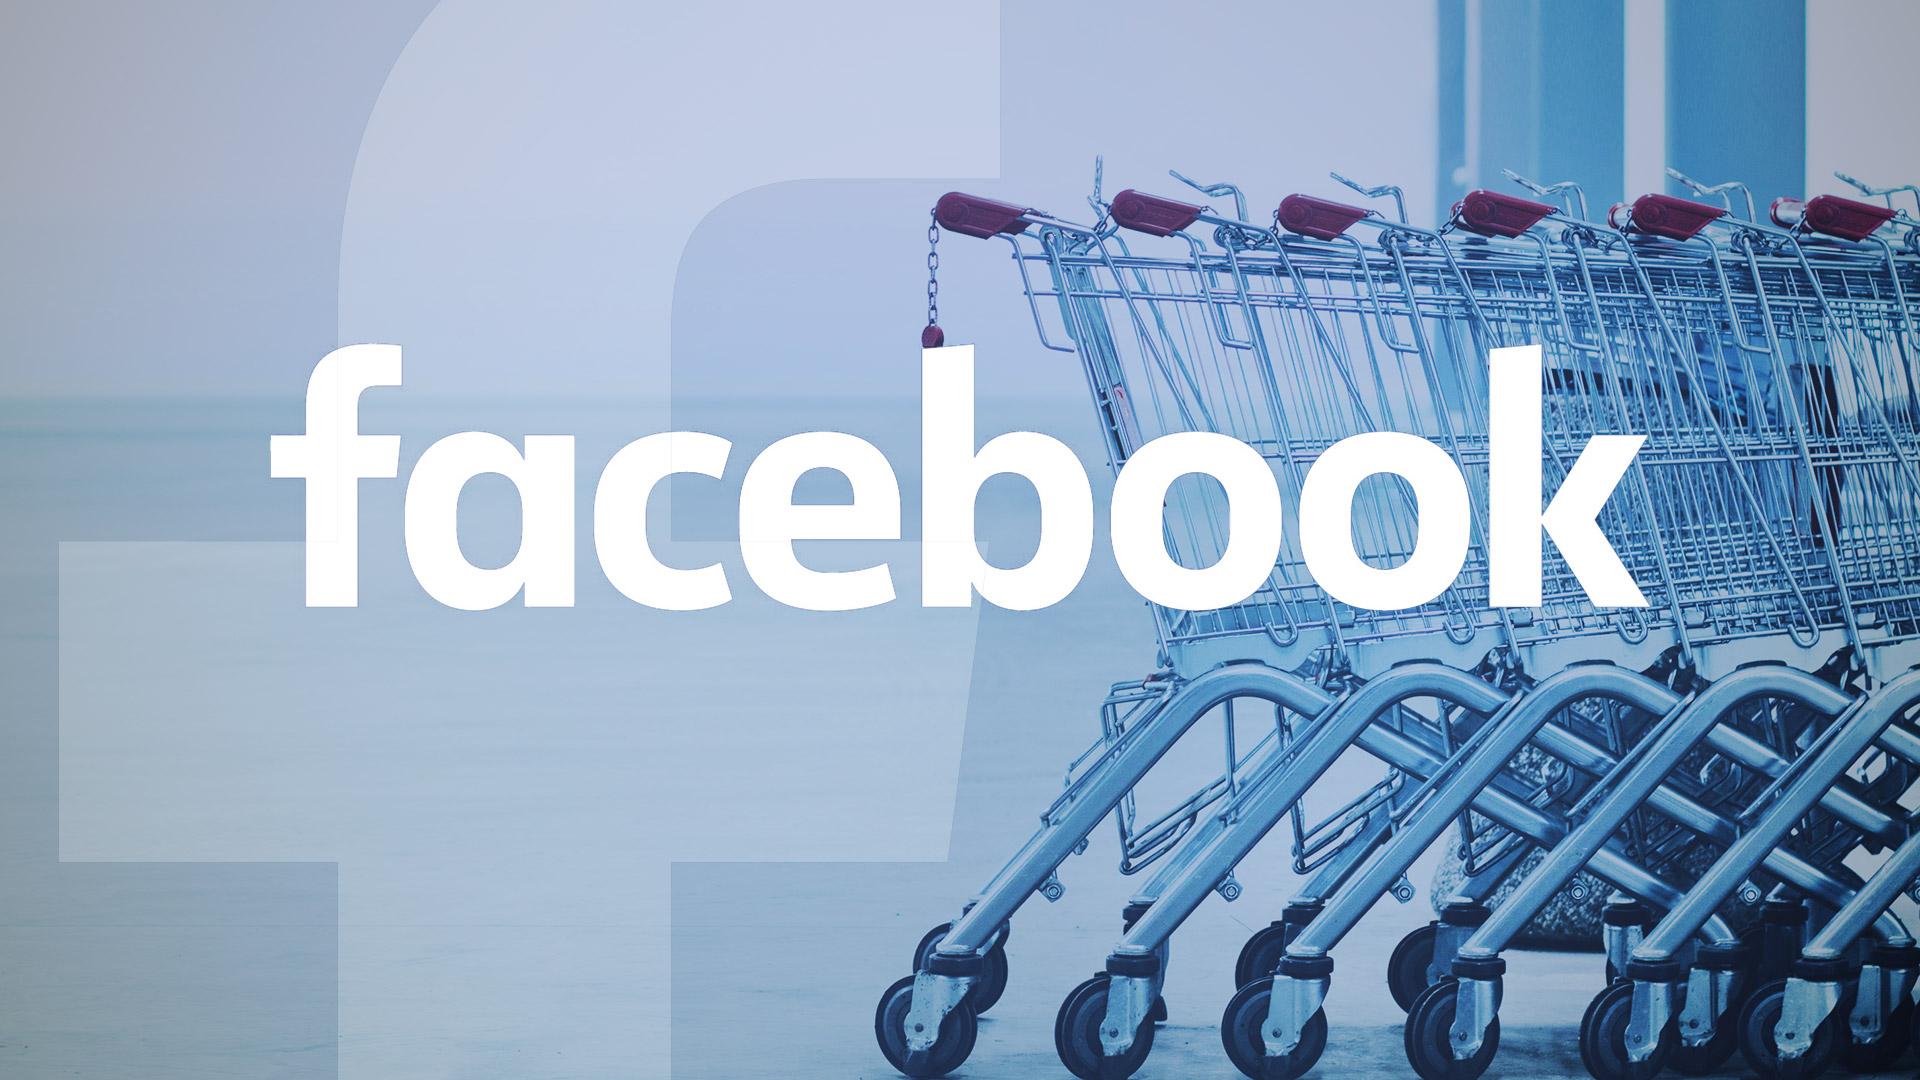 [Whitepaper] Zo bereikt u de juiste doelgroep(en) met Facebook advertising